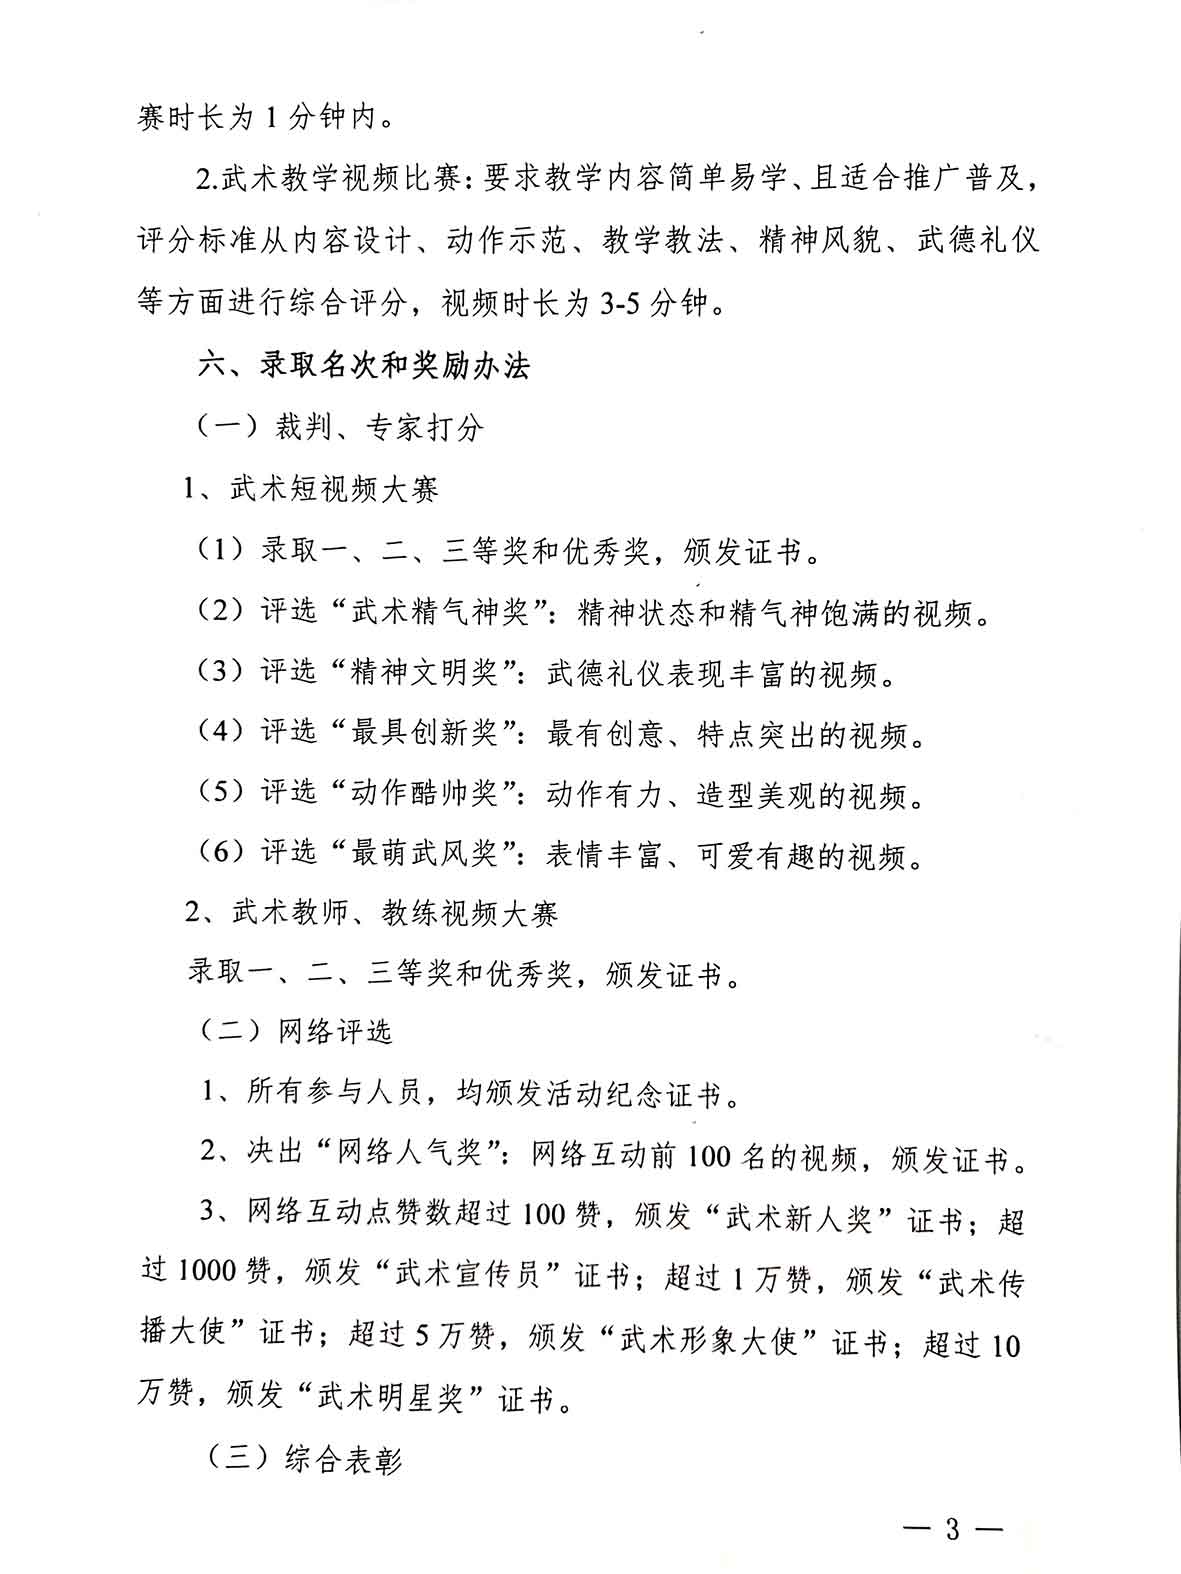 3-(2).jpg